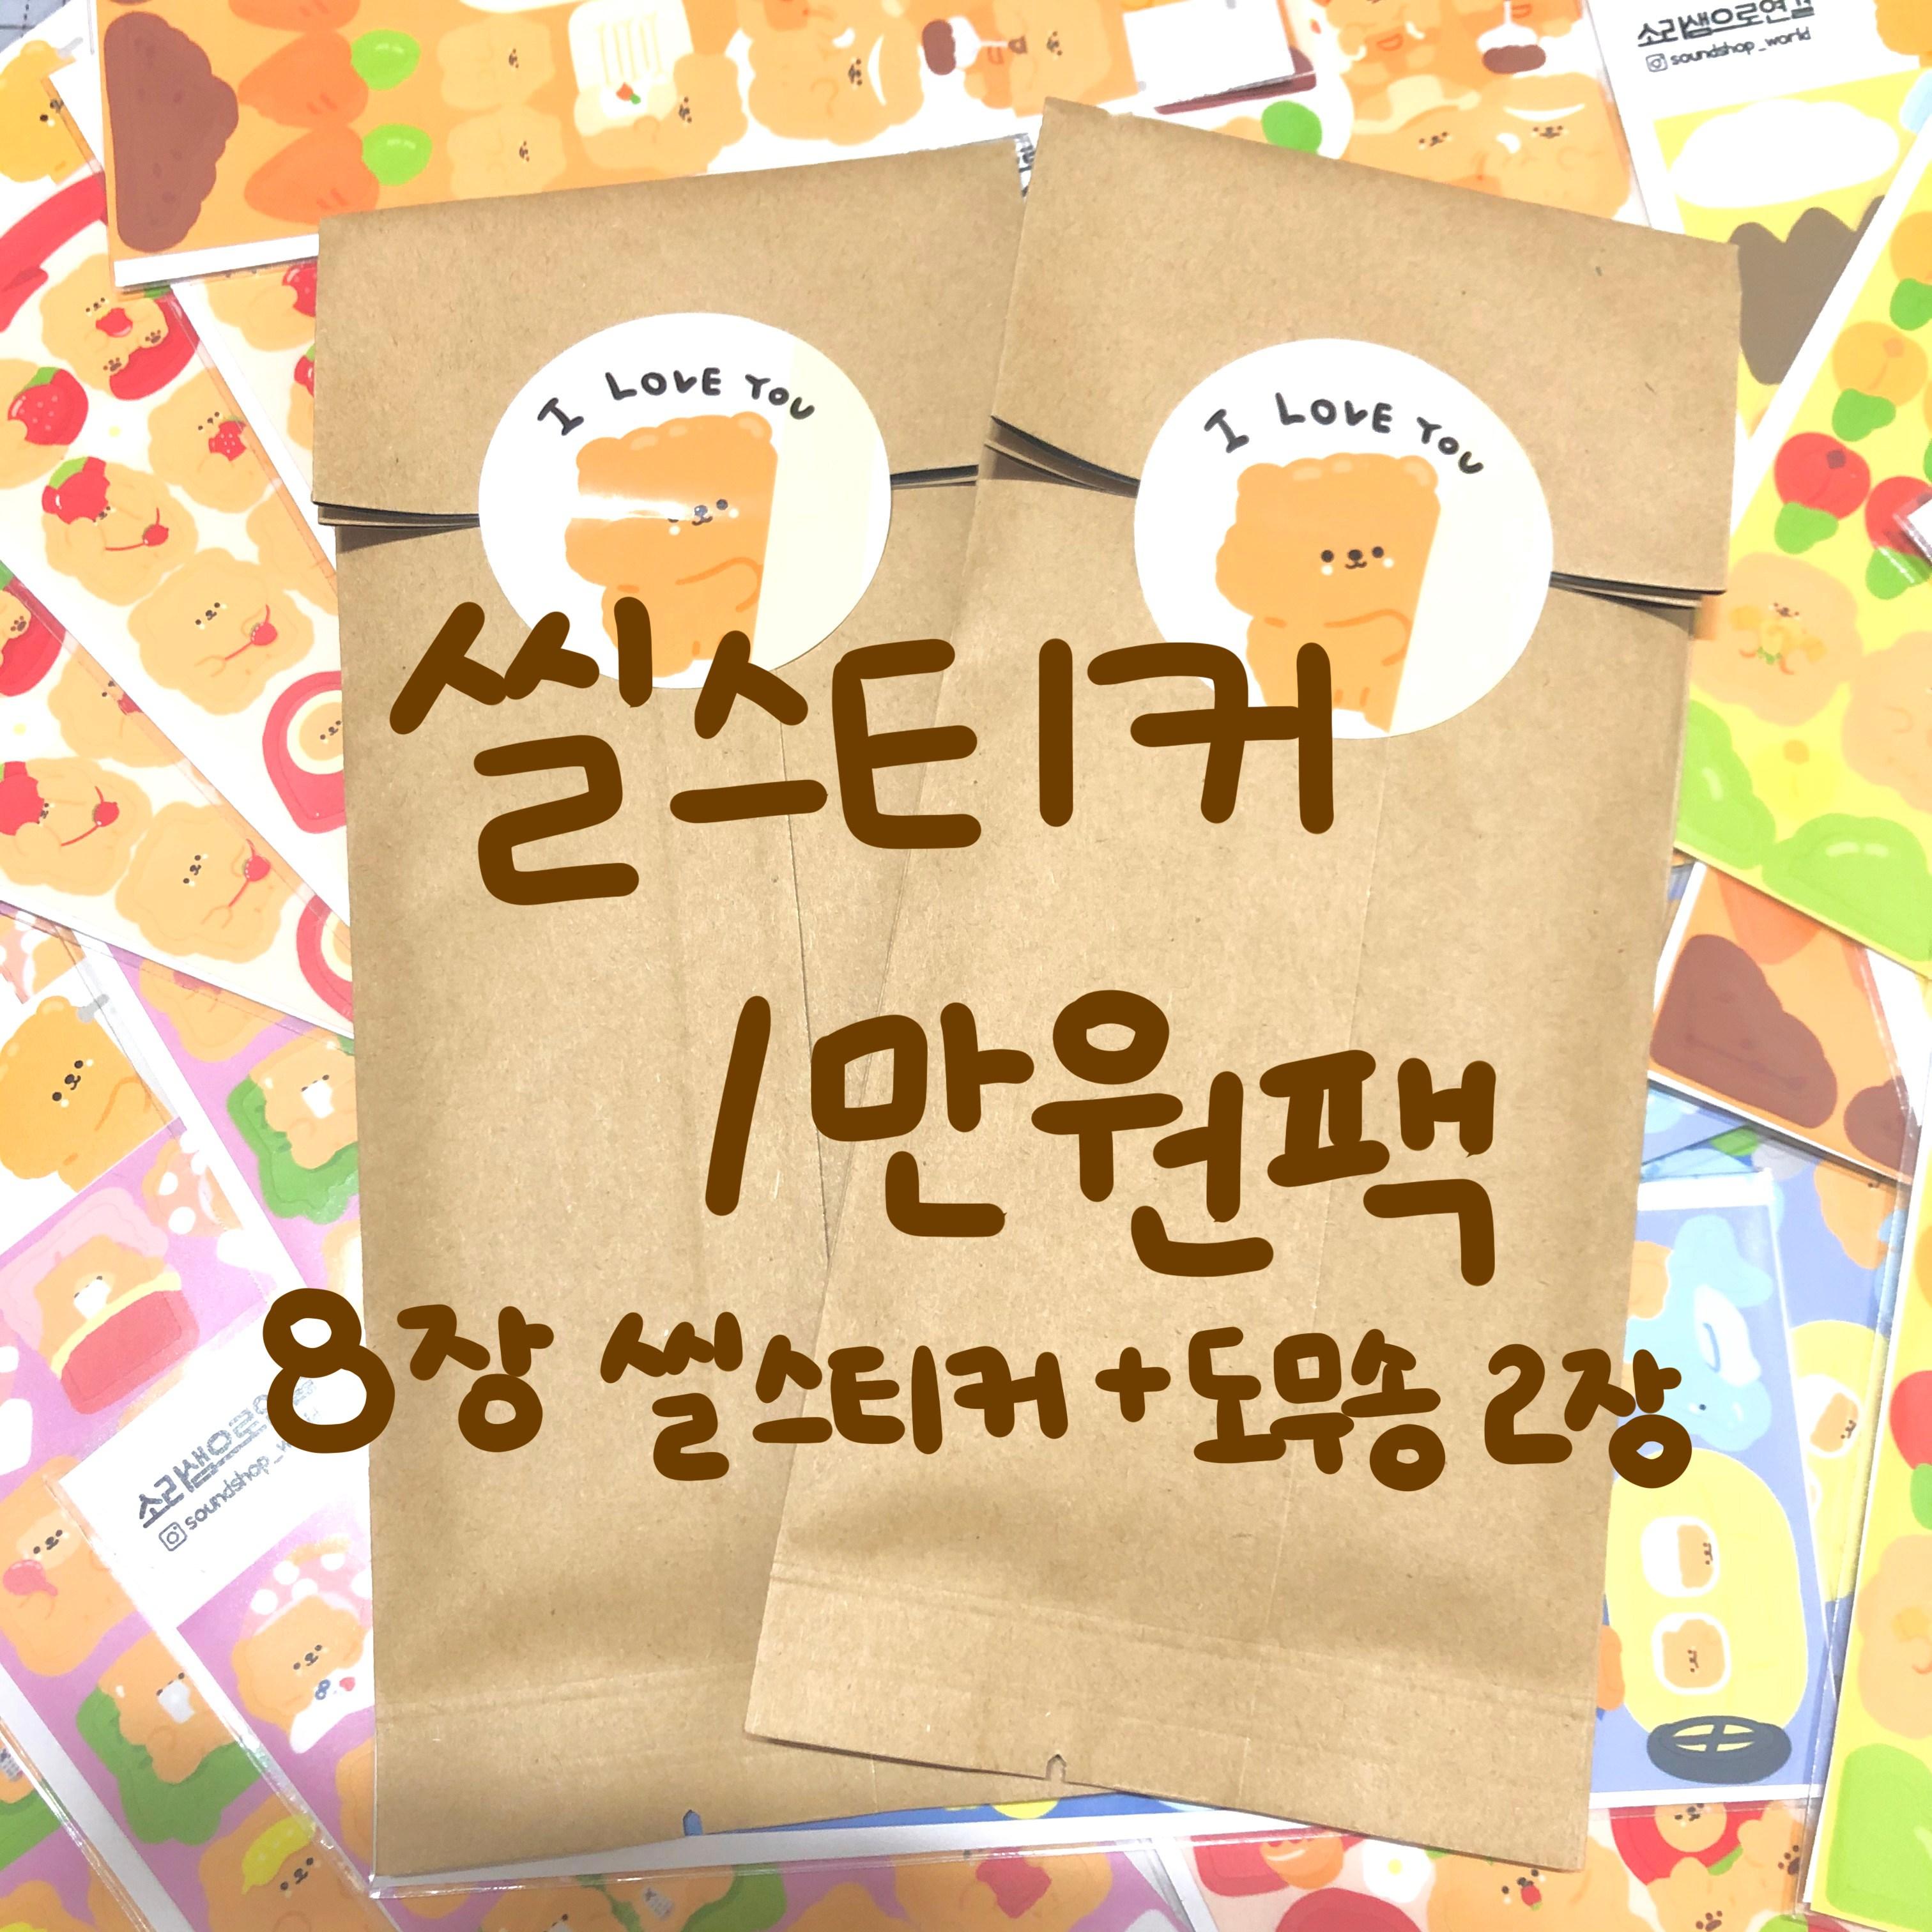 [소리샘으로연결] 씰스티커 랜덤팩 1탄